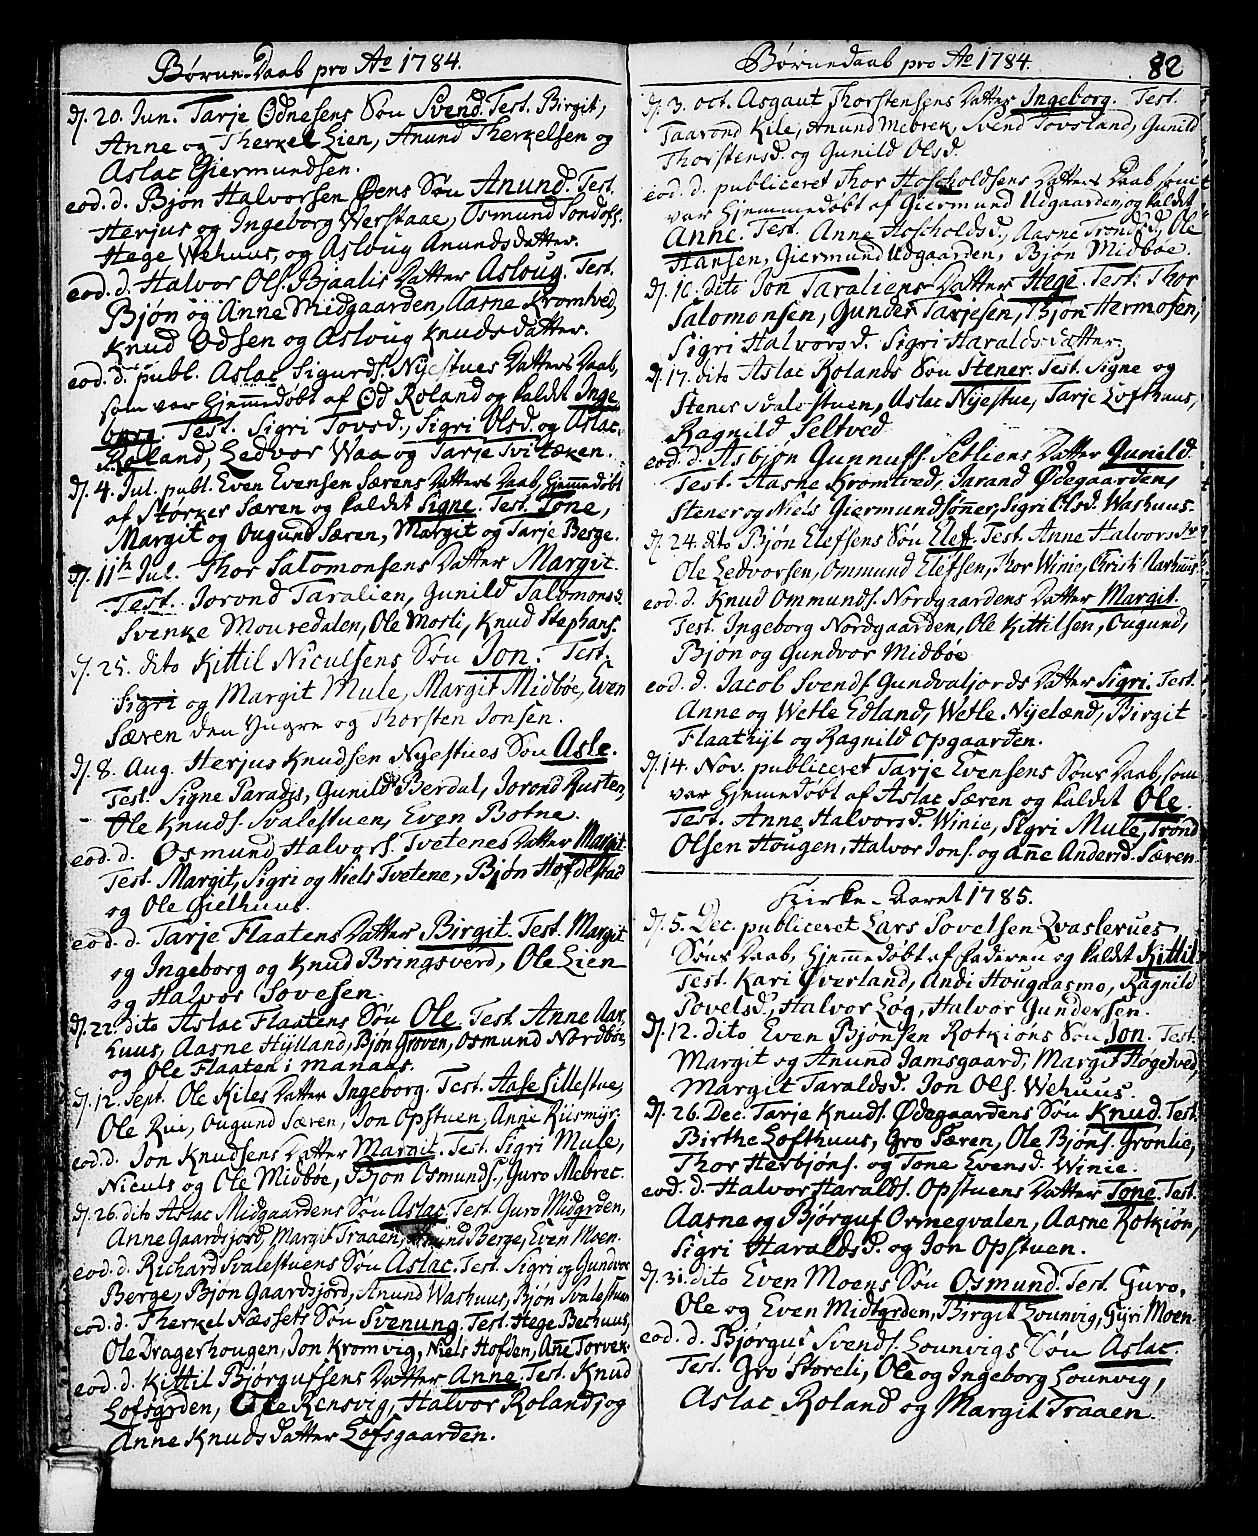 SAKO, Vinje kirkebøker, F/Fa/L0002: Ministerialbok nr. I 2, 1767-1814, s. 82